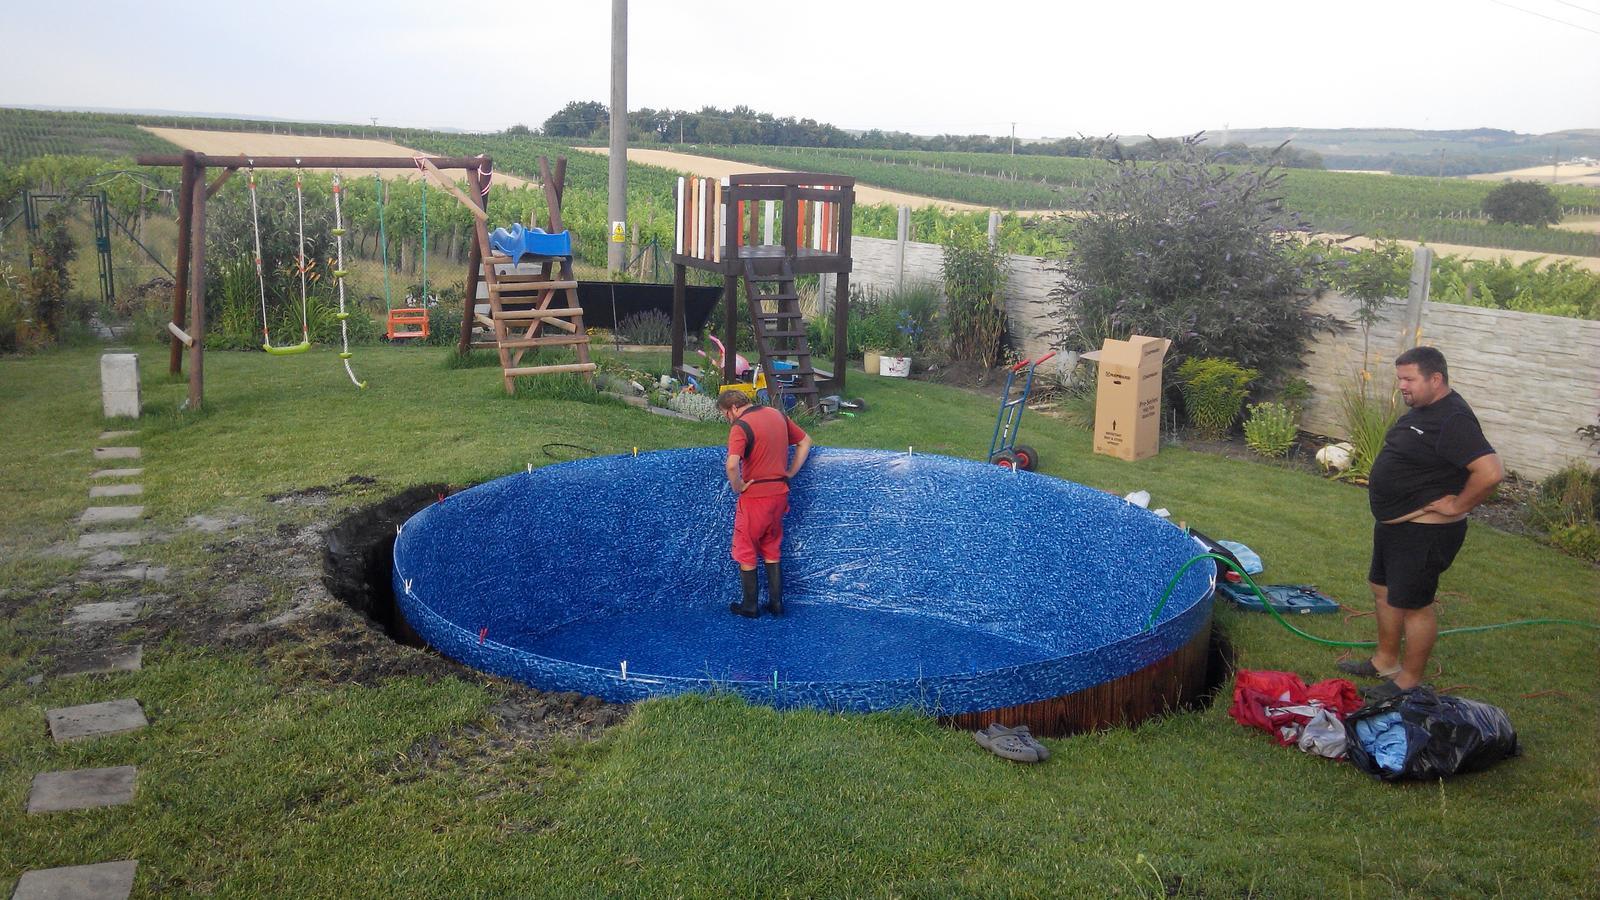 Bazén na zahradě - první folie bzla špatná, tak znovu natáhli druhou